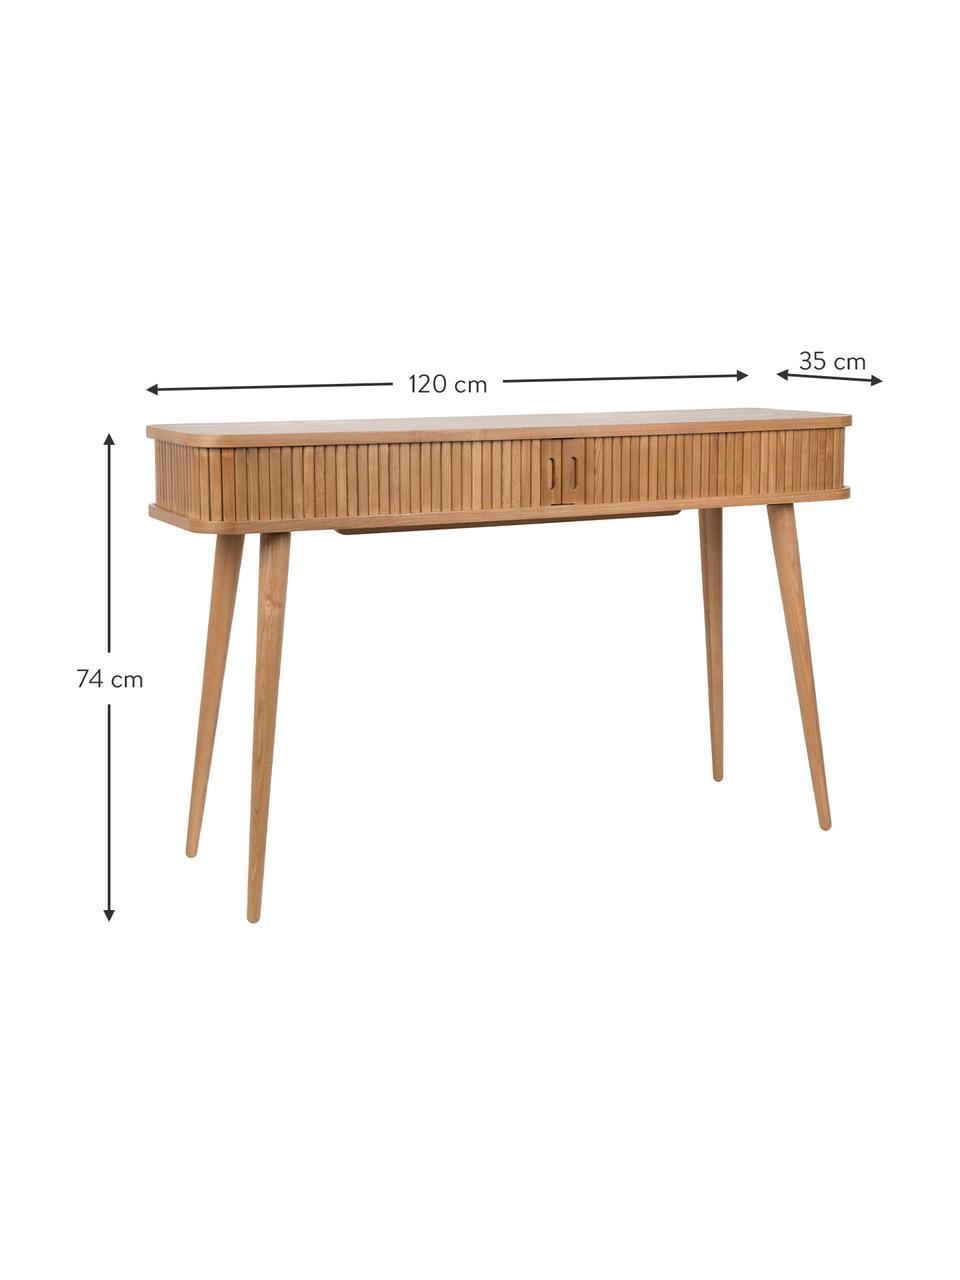 Consolle in legno con cassetti scanalati Barbier, Legno di frassino, Larg. 120 x Prof. 35 cm